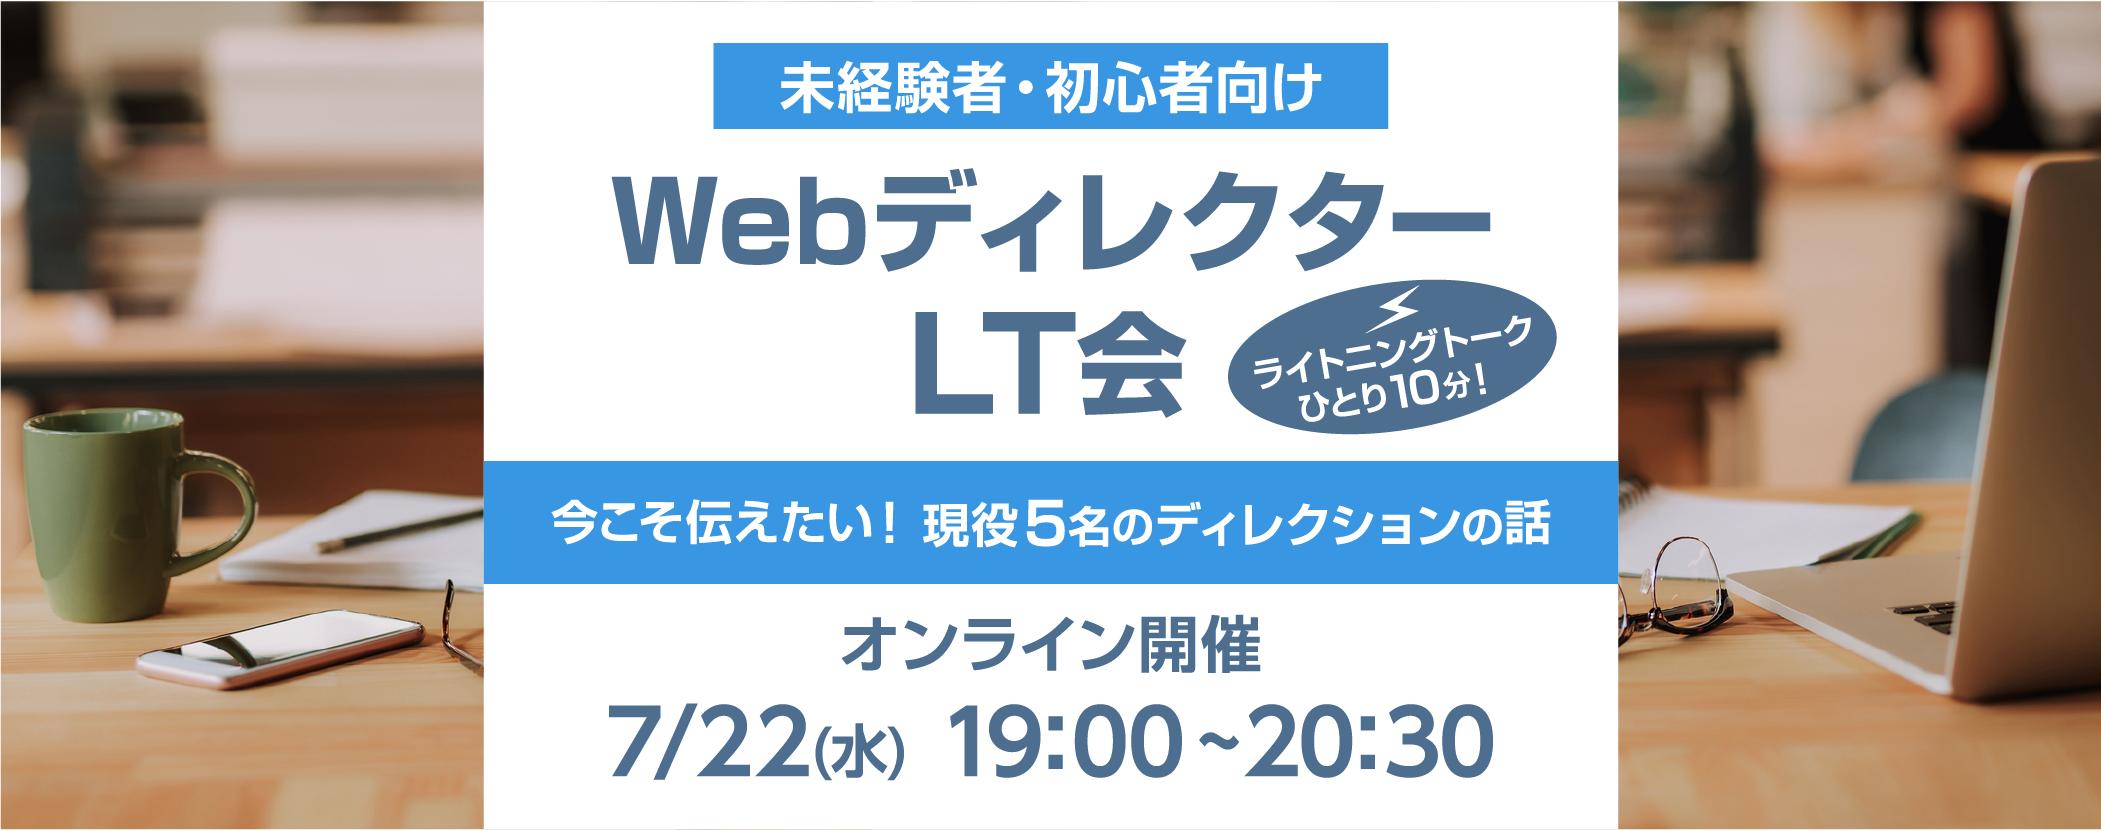 初心者向け|WebディレクターLT(ライトニングトーク)会